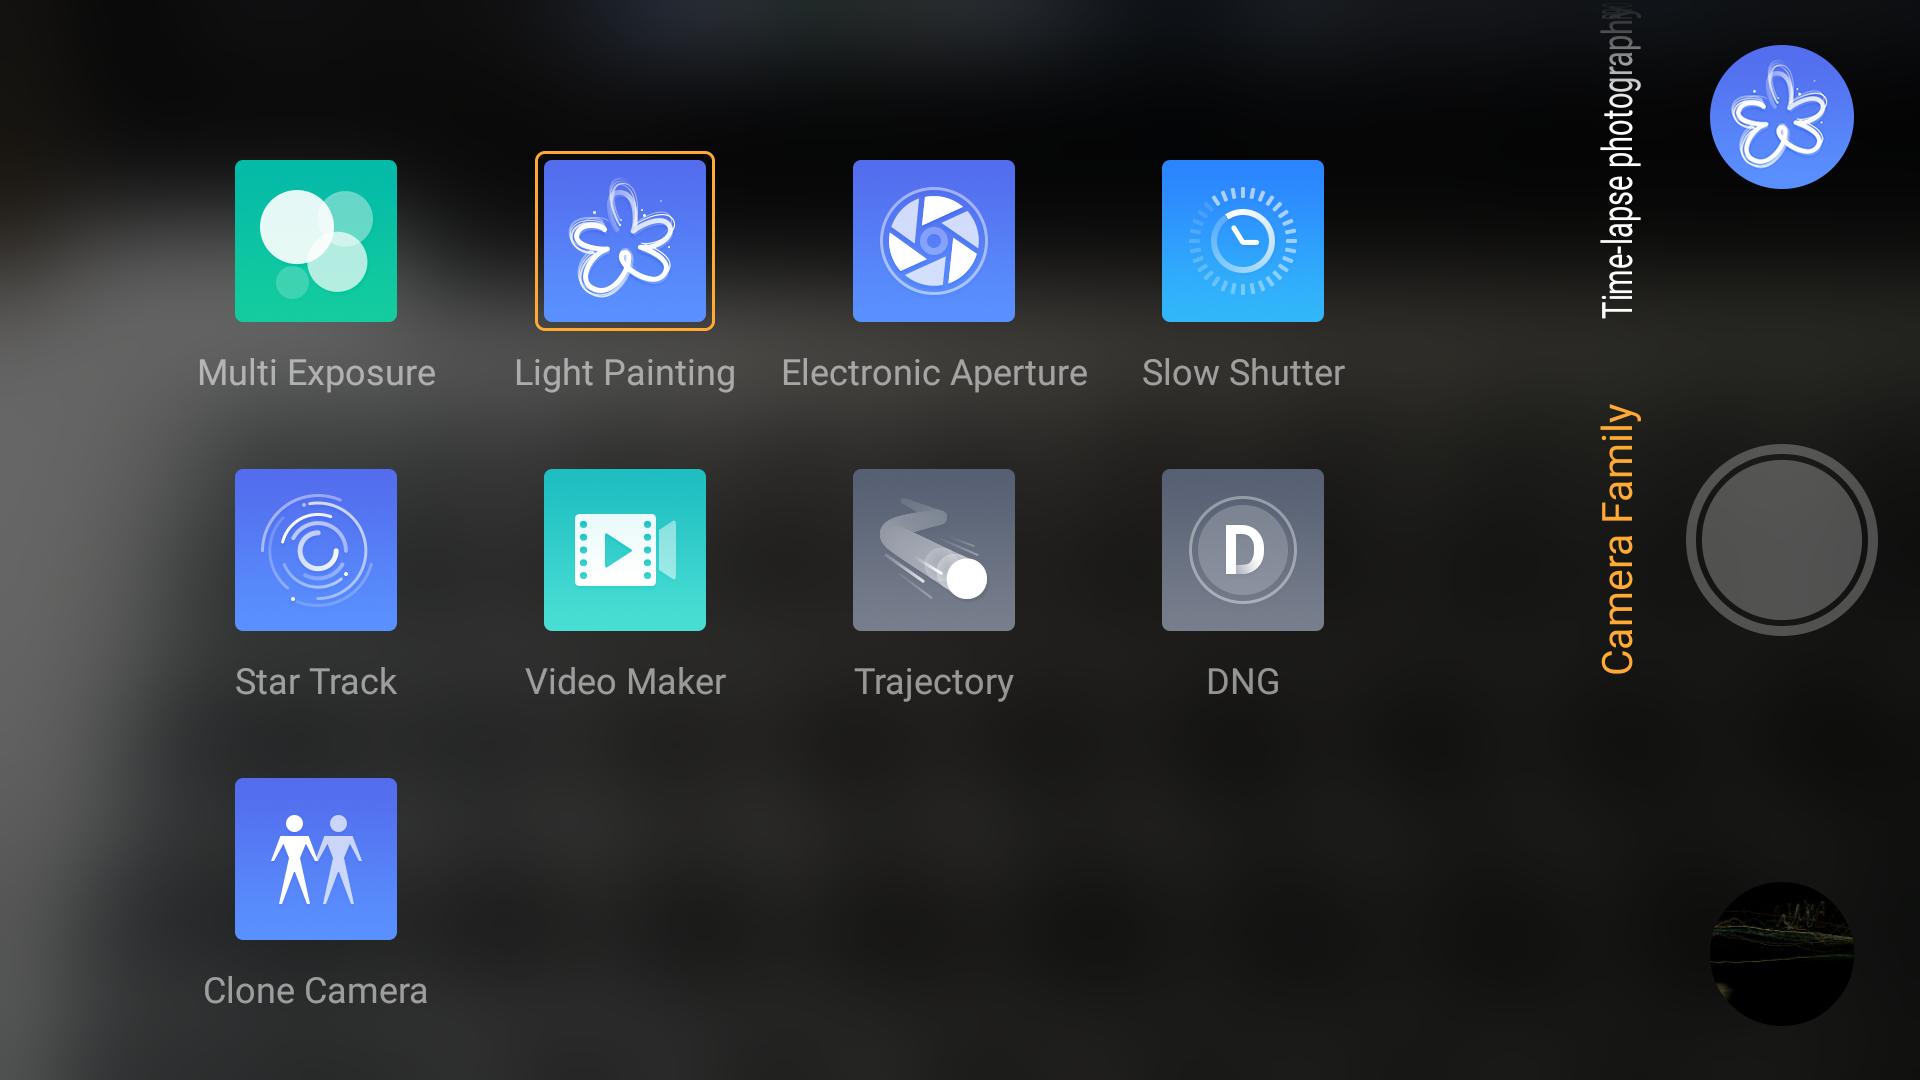 nubia z11 mini camera app